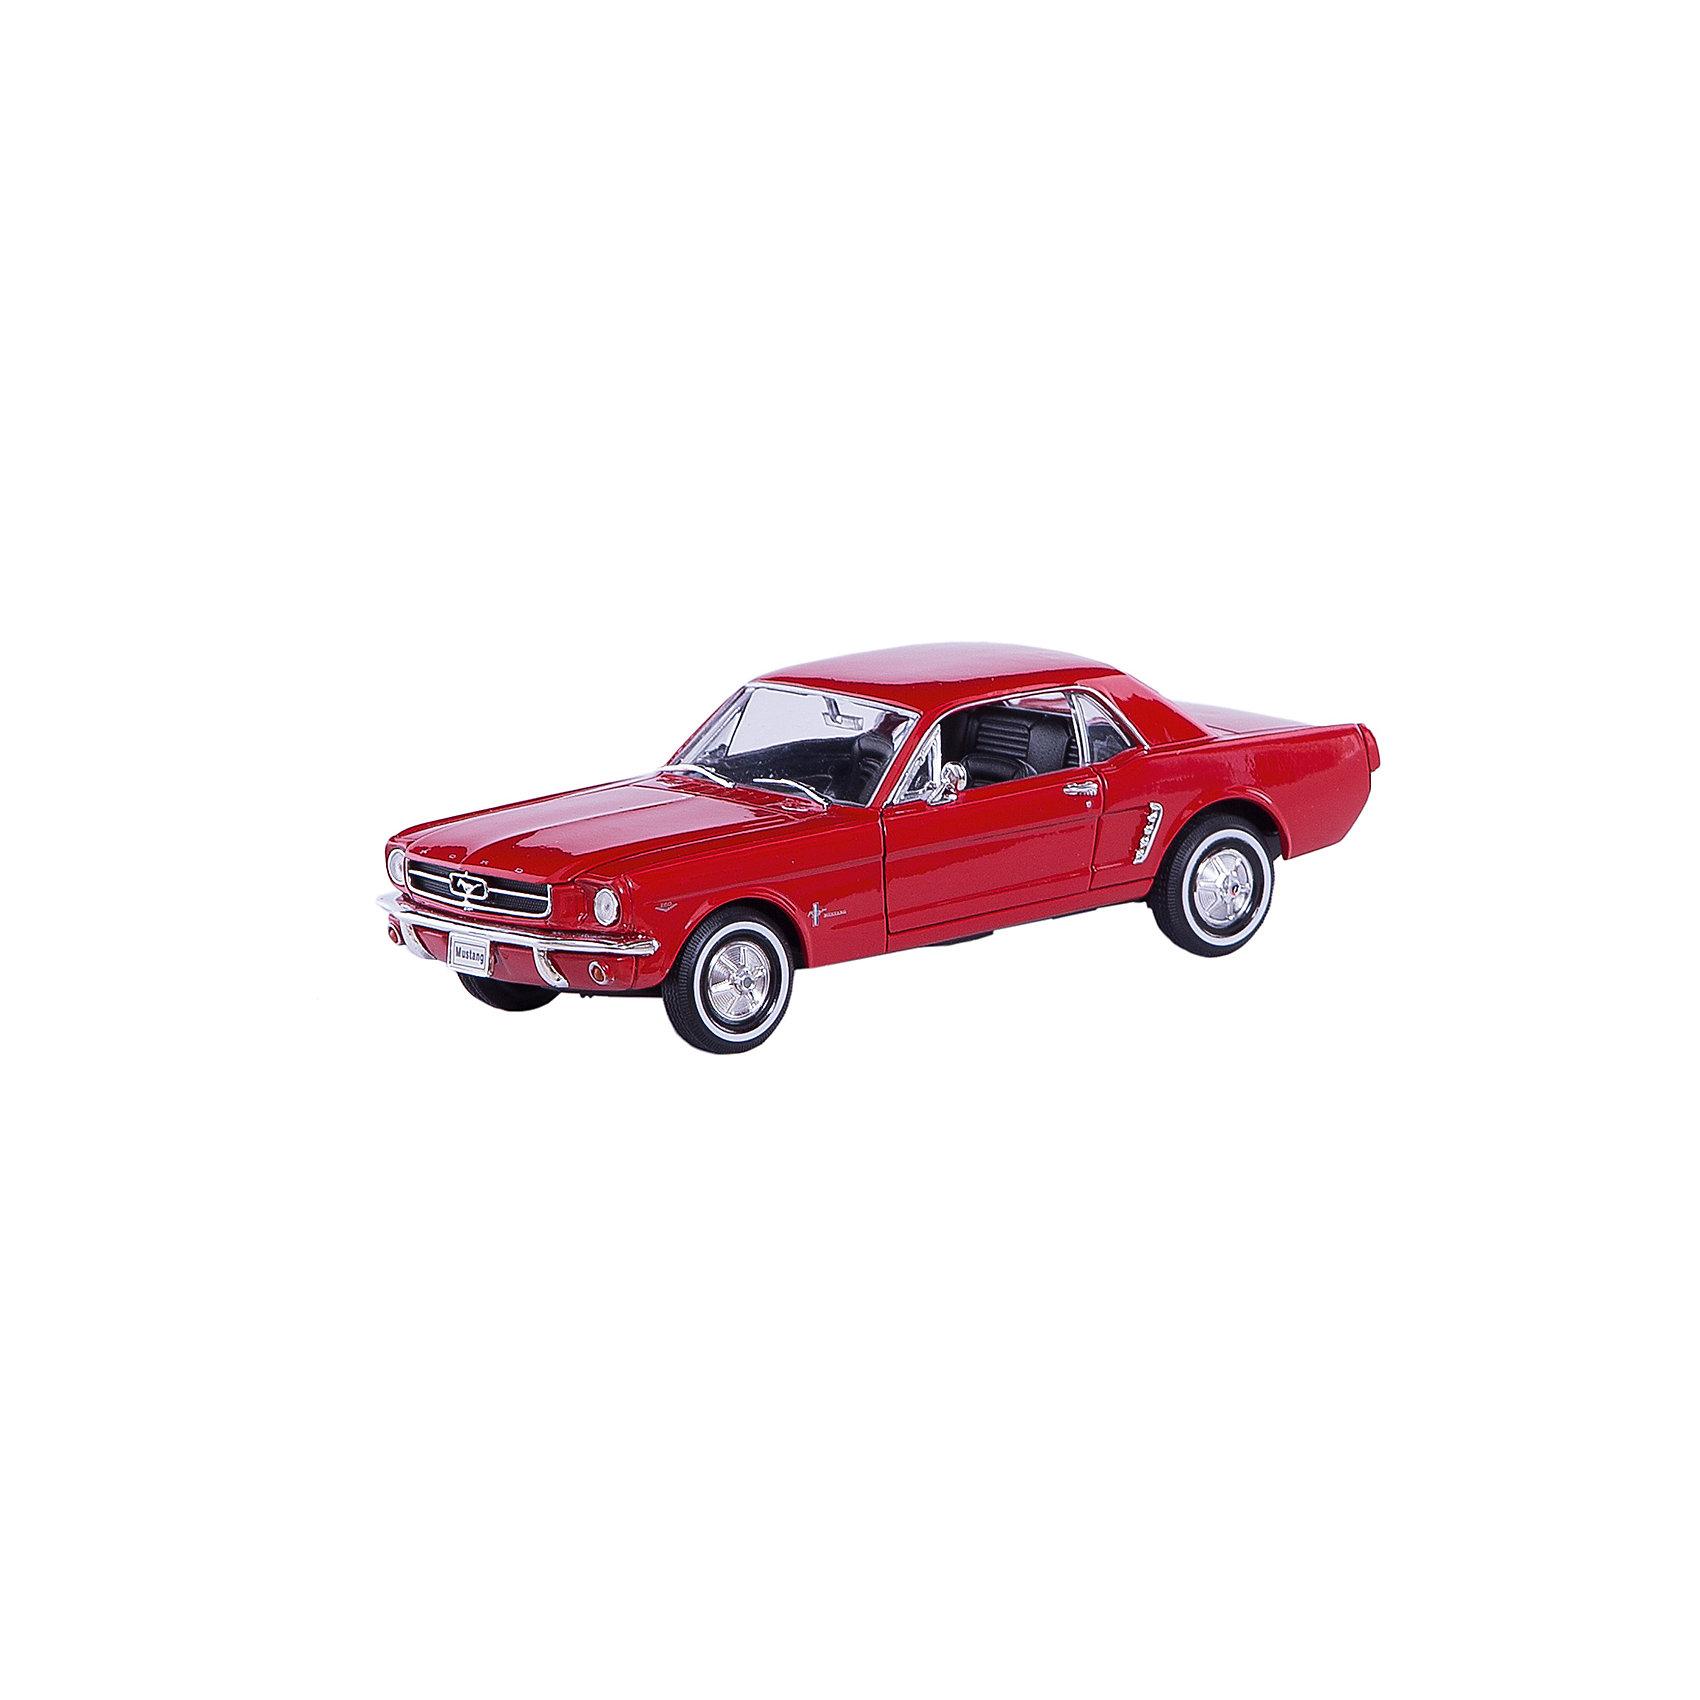 Модель винтажной машины 1:24 Ford Mustang 1964, WellyКоллекционные модели<br>Модель винтажной машины Ford Mustang 1964 от Welly (Велли) станет замечательным подарком для автолюбителей и коллекционеров всех возрастов. В коллекции масштабных моделей Welly представлено все многообразие автотехники: ретро-автомобили, легковые автомобили различных марок, грузовики, автомобили городских служб и многое другое. Все машинки отличаются высокой степенью детализации и тщательной проработкой всех элементов.<br><br>Форд Мустанг 1964 года - это копия настоящего ретро-автомобиля Ford Mustang 1964 в масштабе 1:24. Автомобиль купе Ford Mustang был выпущен в 1964 году в США и представлен на Всемирной выставке в Нью-Йорке. Модель от Welly оснащена прочными стеклами, интерьер салона, органы управления и двигатель тщательно проработаны.<br>Двери и капот открываются, а колеса можно поворачивать с помощью руля. Корпус машинки выполнен из металла, а отделка салона и декоративные элементы из пластика.<br><br>Дополнительная информация:<br><br>- Материал: металл, пластик, колеса прорезиненные.<br>- Масштаб: 1:24.<br>- Размер модели: 7 х 19 х 6 см.<br>- Размер упаковки: 11 х 23 х 10 см.<br>- Вес: 0,6 кг. <br><br>Модель винтажной машины Ford Mustang 1964, Welly можно купить в нашем интернет-магазине.<br><br>Ширина мм: 230<br>Глубина мм: 110<br>Высота мм: 110<br>Вес г: 586<br>Возраст от месяцев: 36<br>Возраст до месяцев: 192<br>Пол: Мужской<br>Возраст: Детский<br>SKU: 3777883